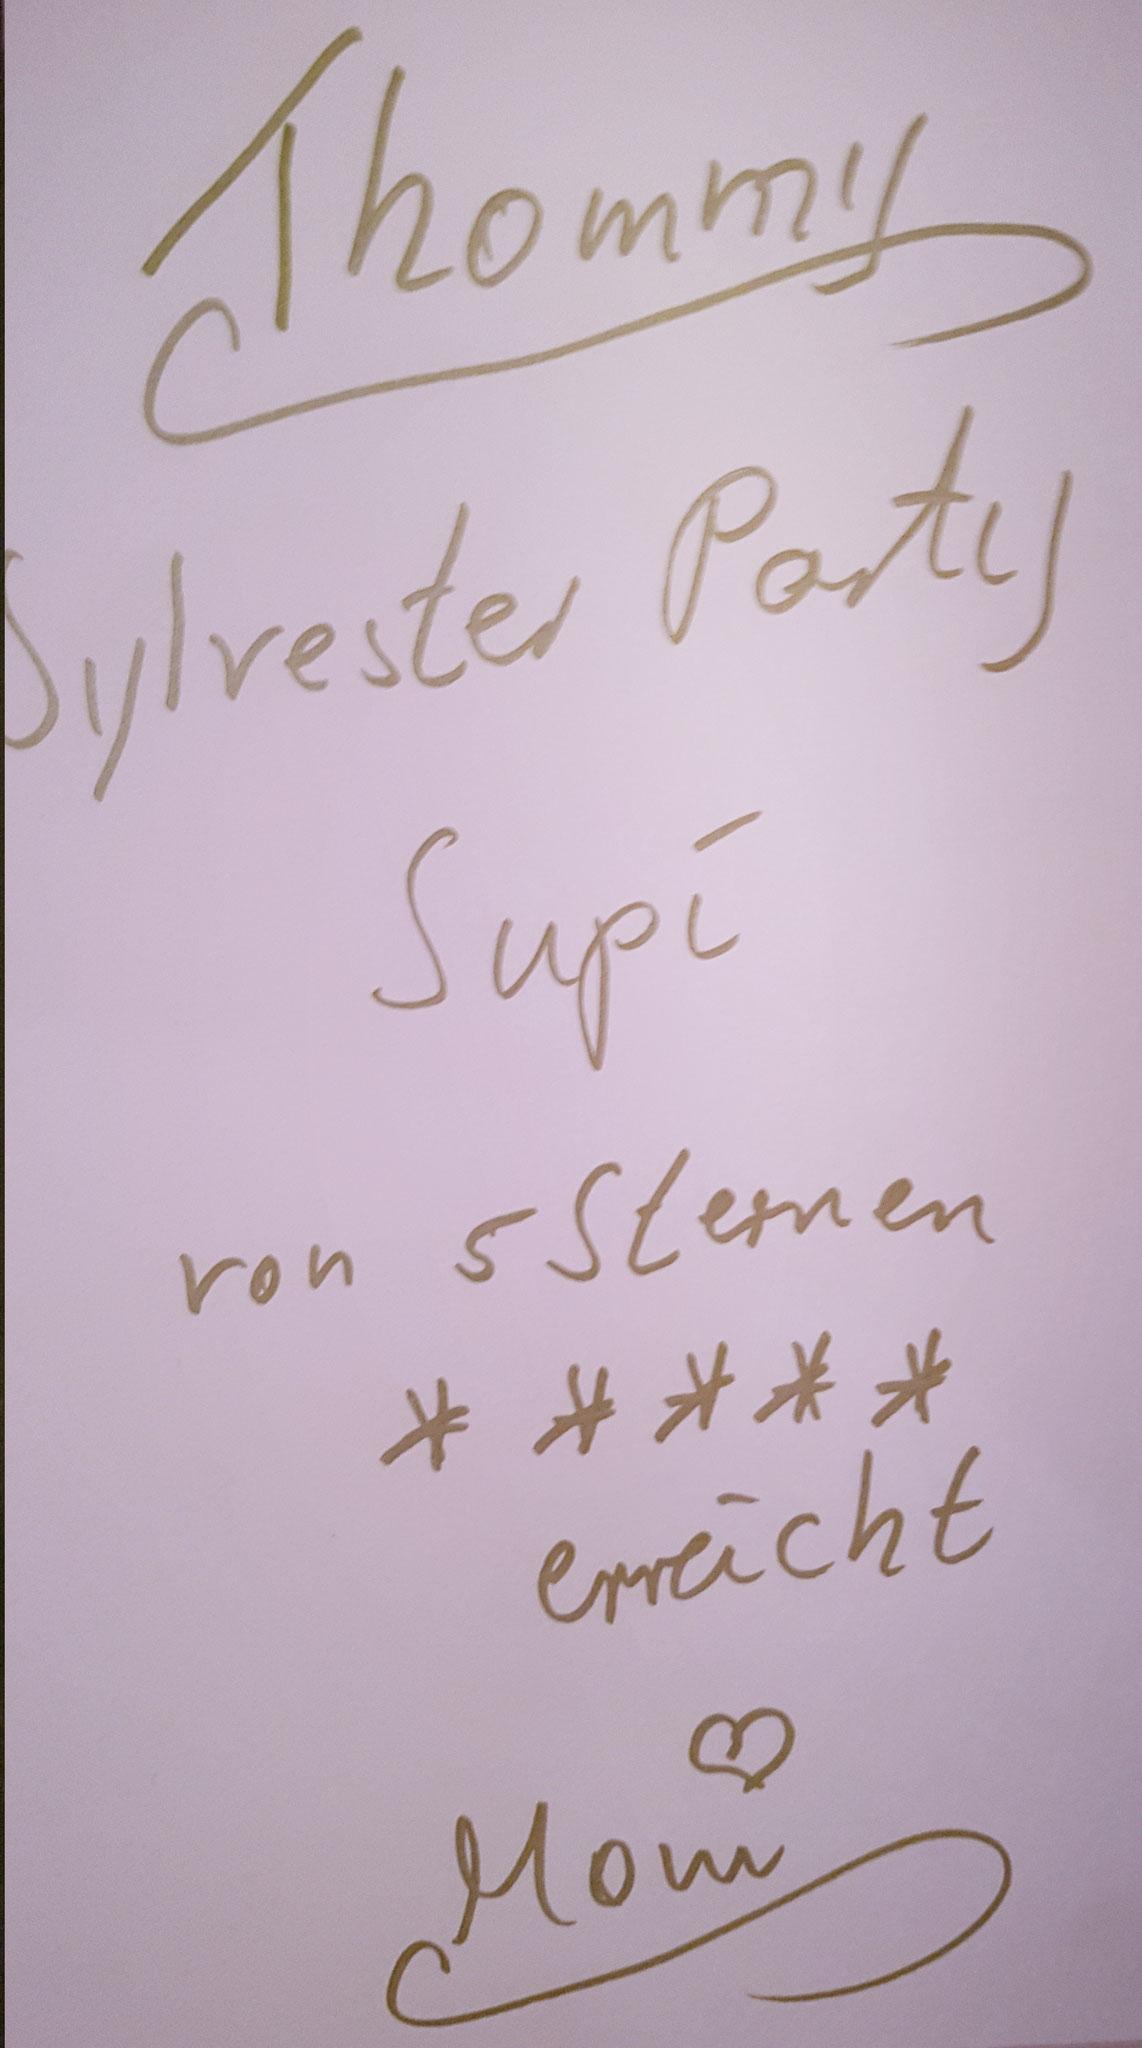 Kundenmeinung für eine Sylvestersause in Ludwigshafen